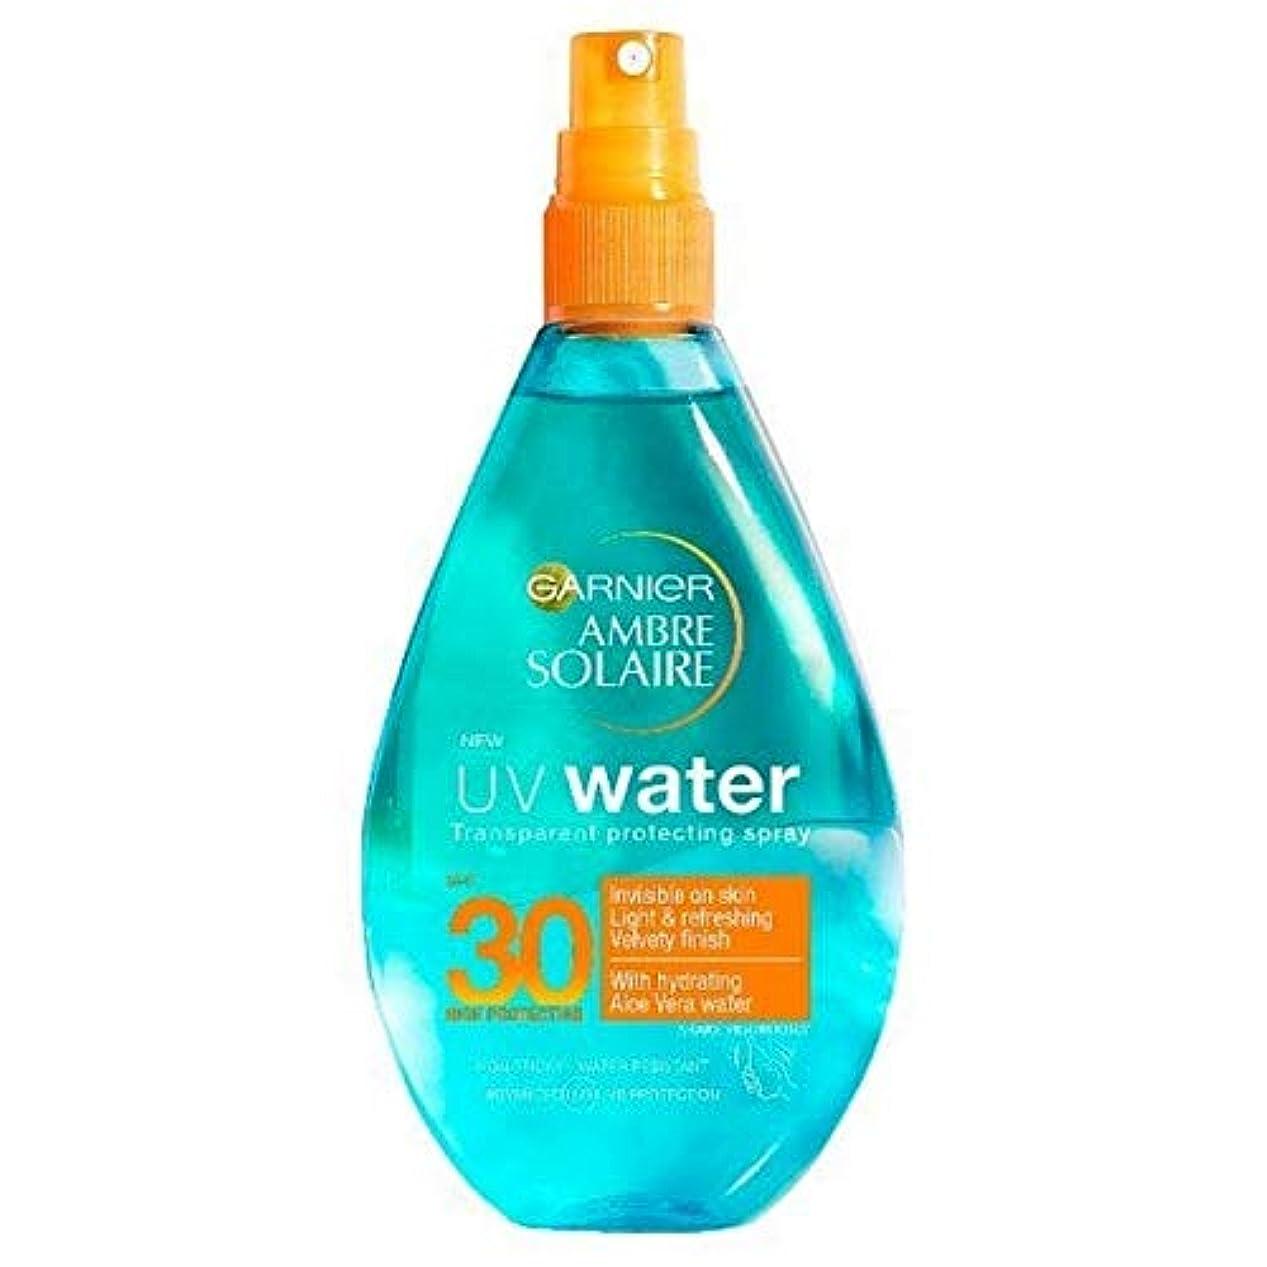 くびれたウィンク東ティモール[Garnier ] アンブレSolaire紫外線水明確な日クリームスプレーSpf30 150ミリリットル - Ambre Solaire UV Water Clear Sun Cream Spray SPF30 150ml [並行輸入品]